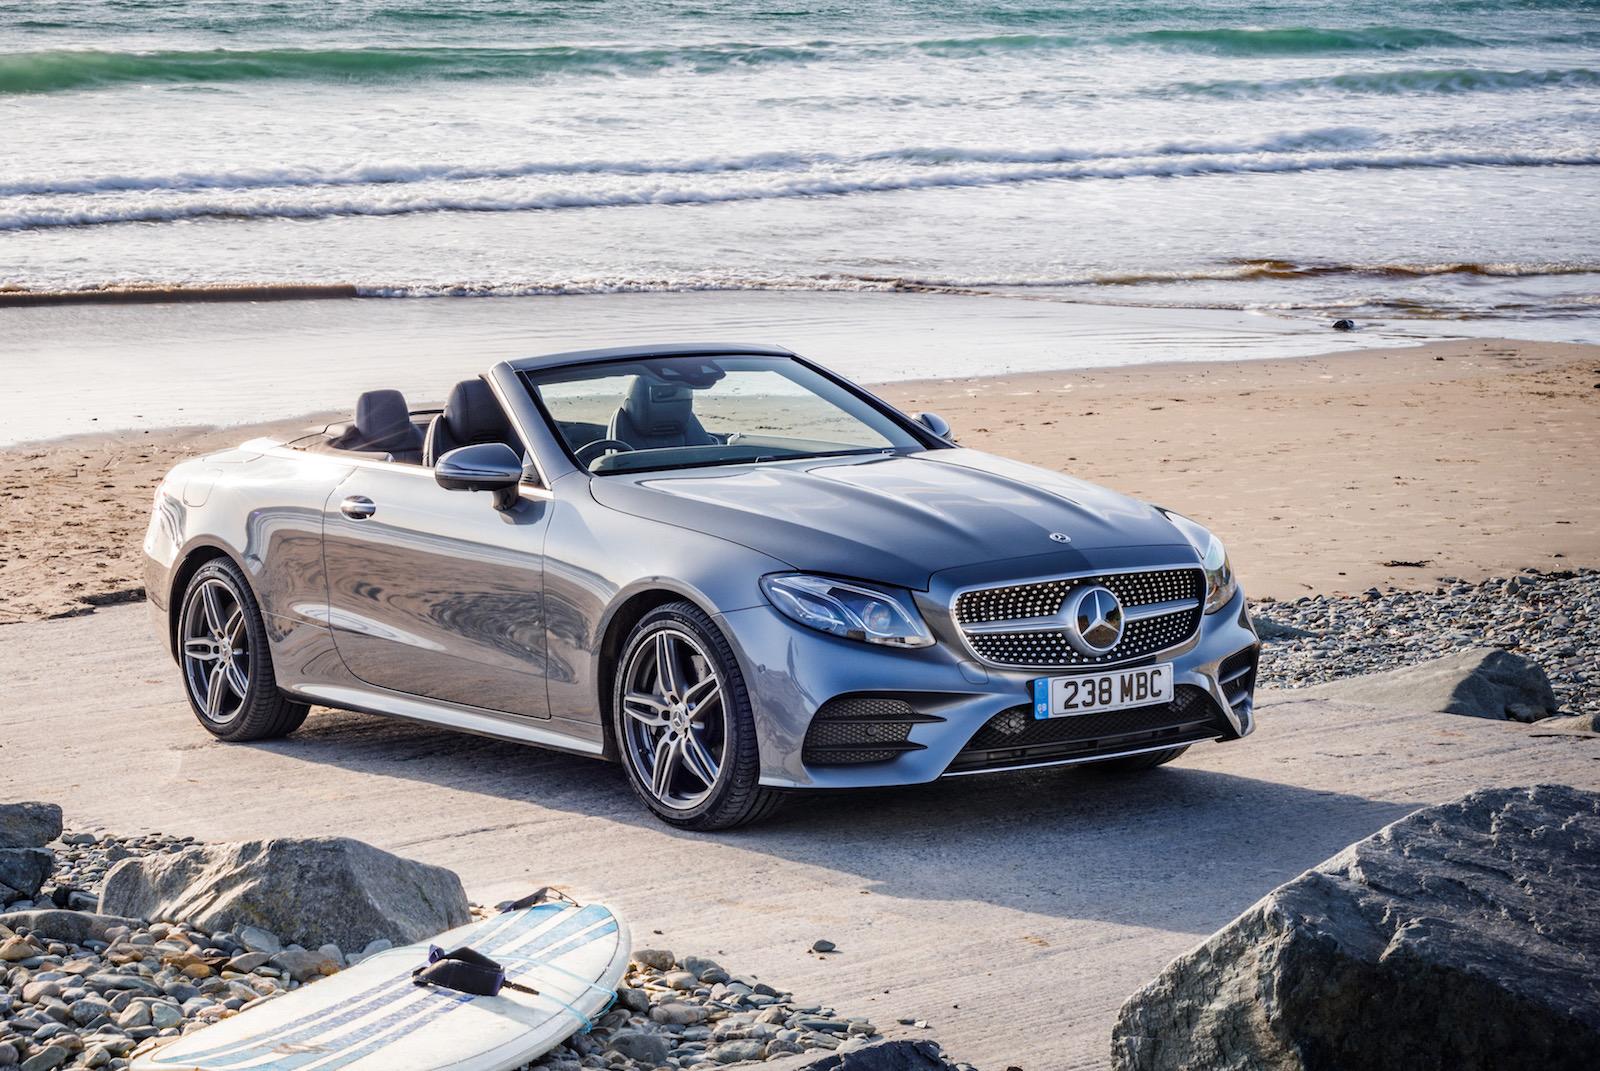 Mercedes-Benz E-Class updates debut 'EQ Boost' 48V technology